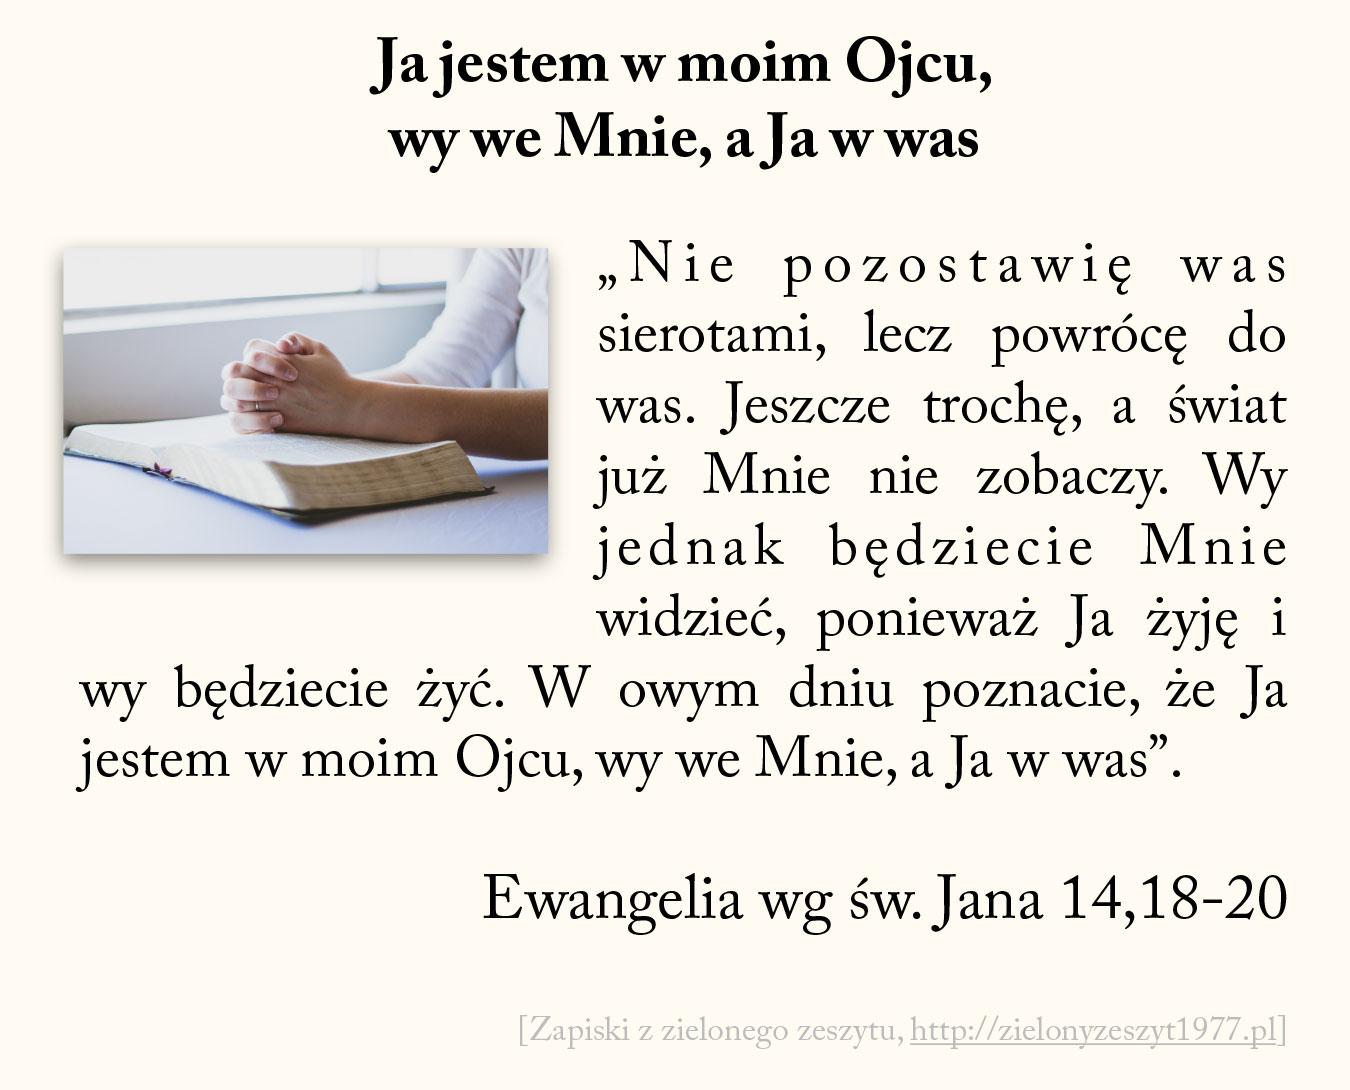 Ja jestem w moim Ojcu, wy we Mnie, a Ja w was; Ewangelia wg św. Jana